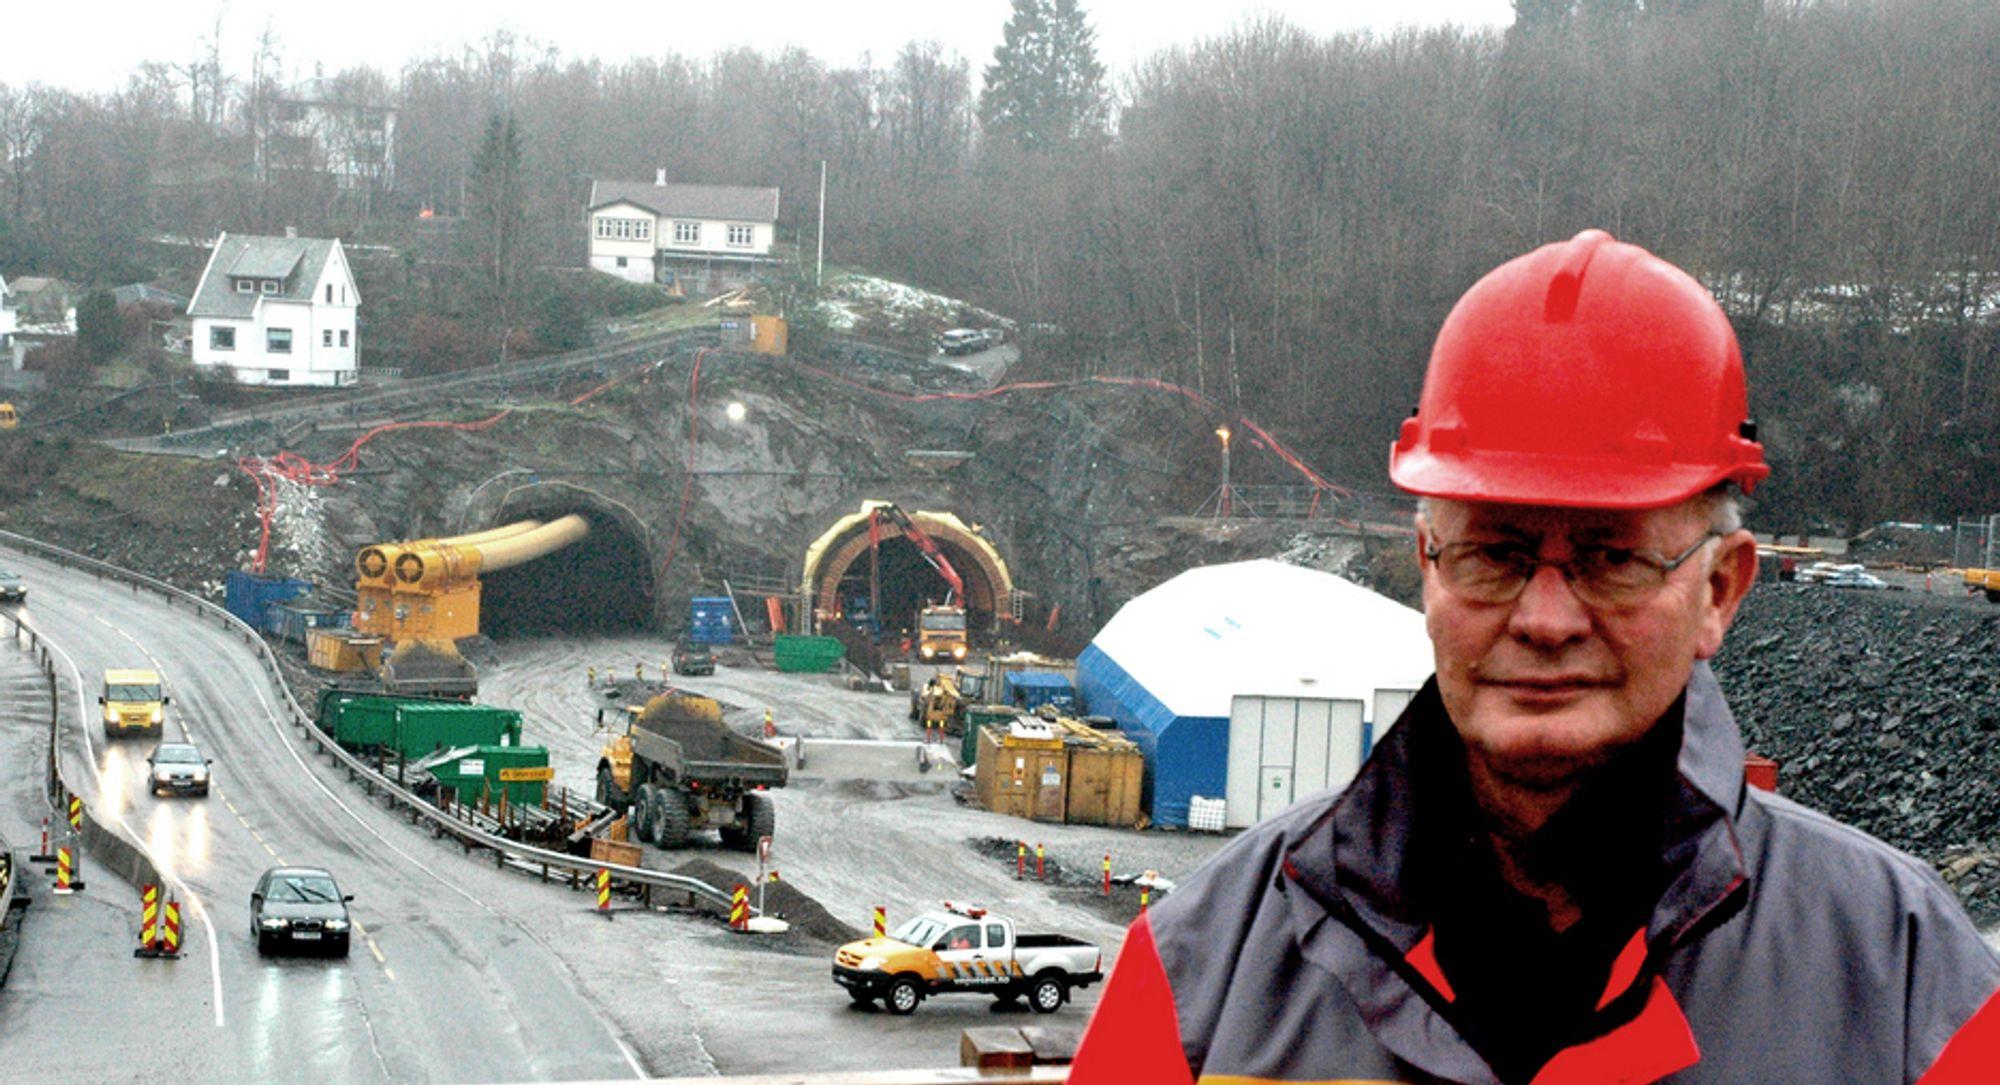 USIKKER: Prosjektleder Ottar Midtkandal vil ikke gi noen ny åpningsdato for Knappetunnelen. Bildet viser søndre påhugg i Dolvik før tunnelen var ferdigsprengt.